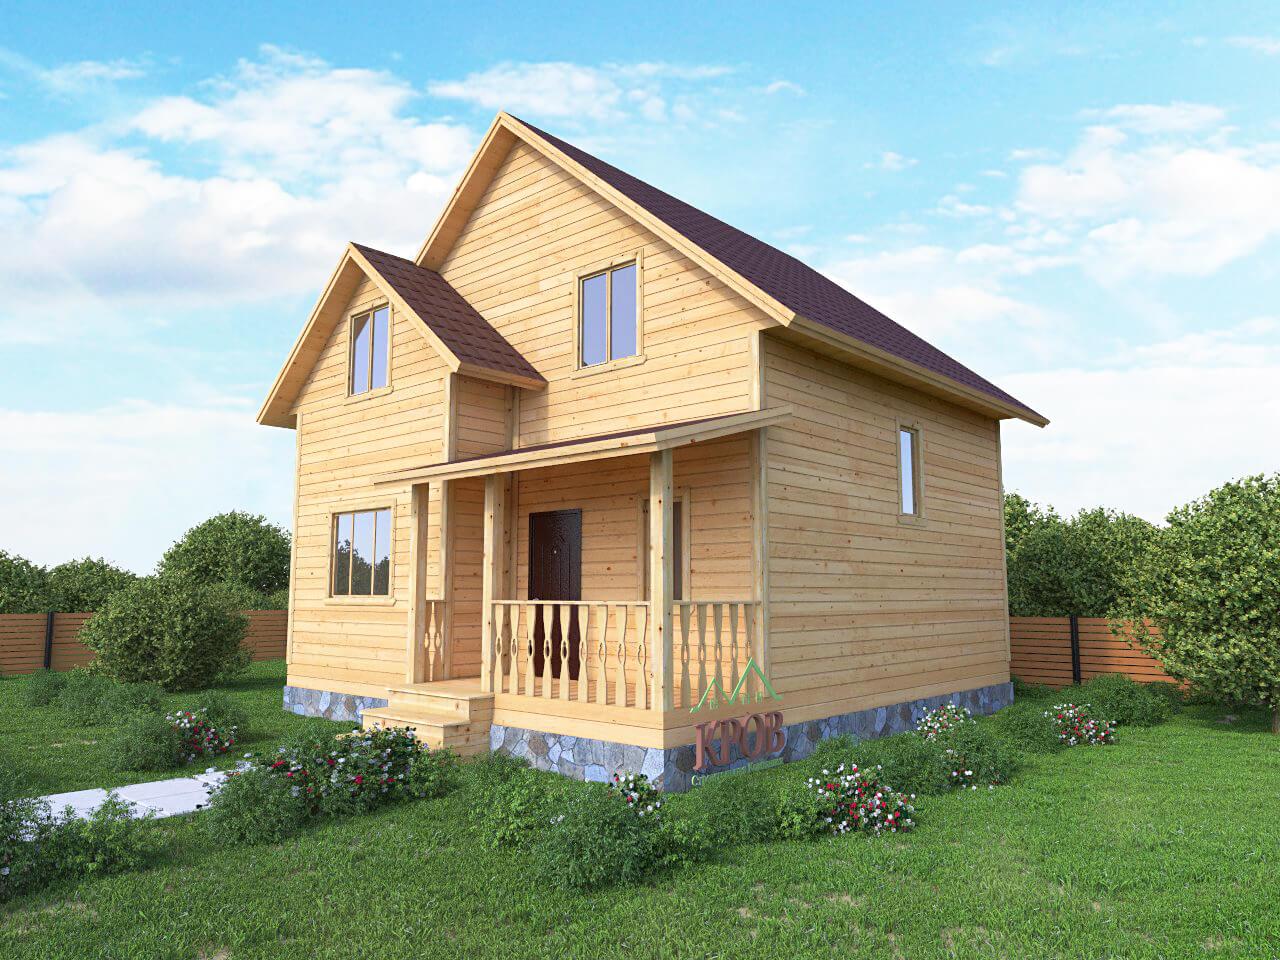 Полутораэтажный дом 8,5 на 7,5 с крыльцом и эркером